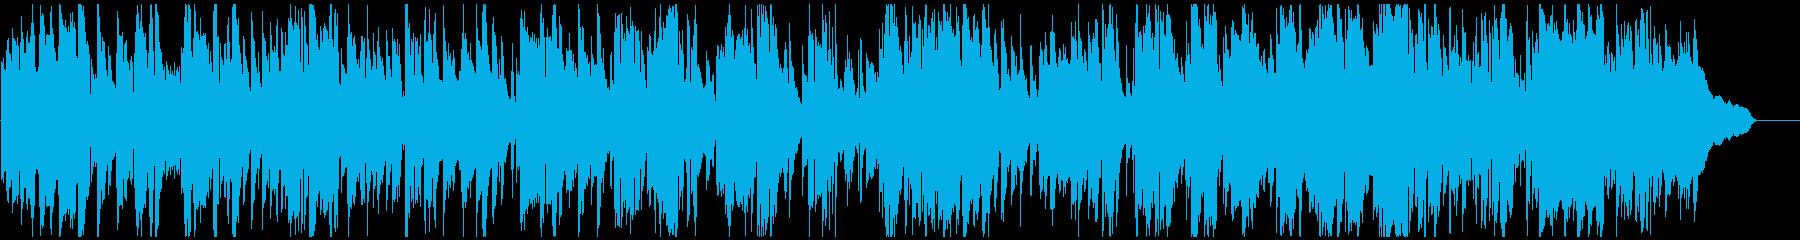 綺麗で優雅なアルトサックスのジャズワルツの再生済みの波形